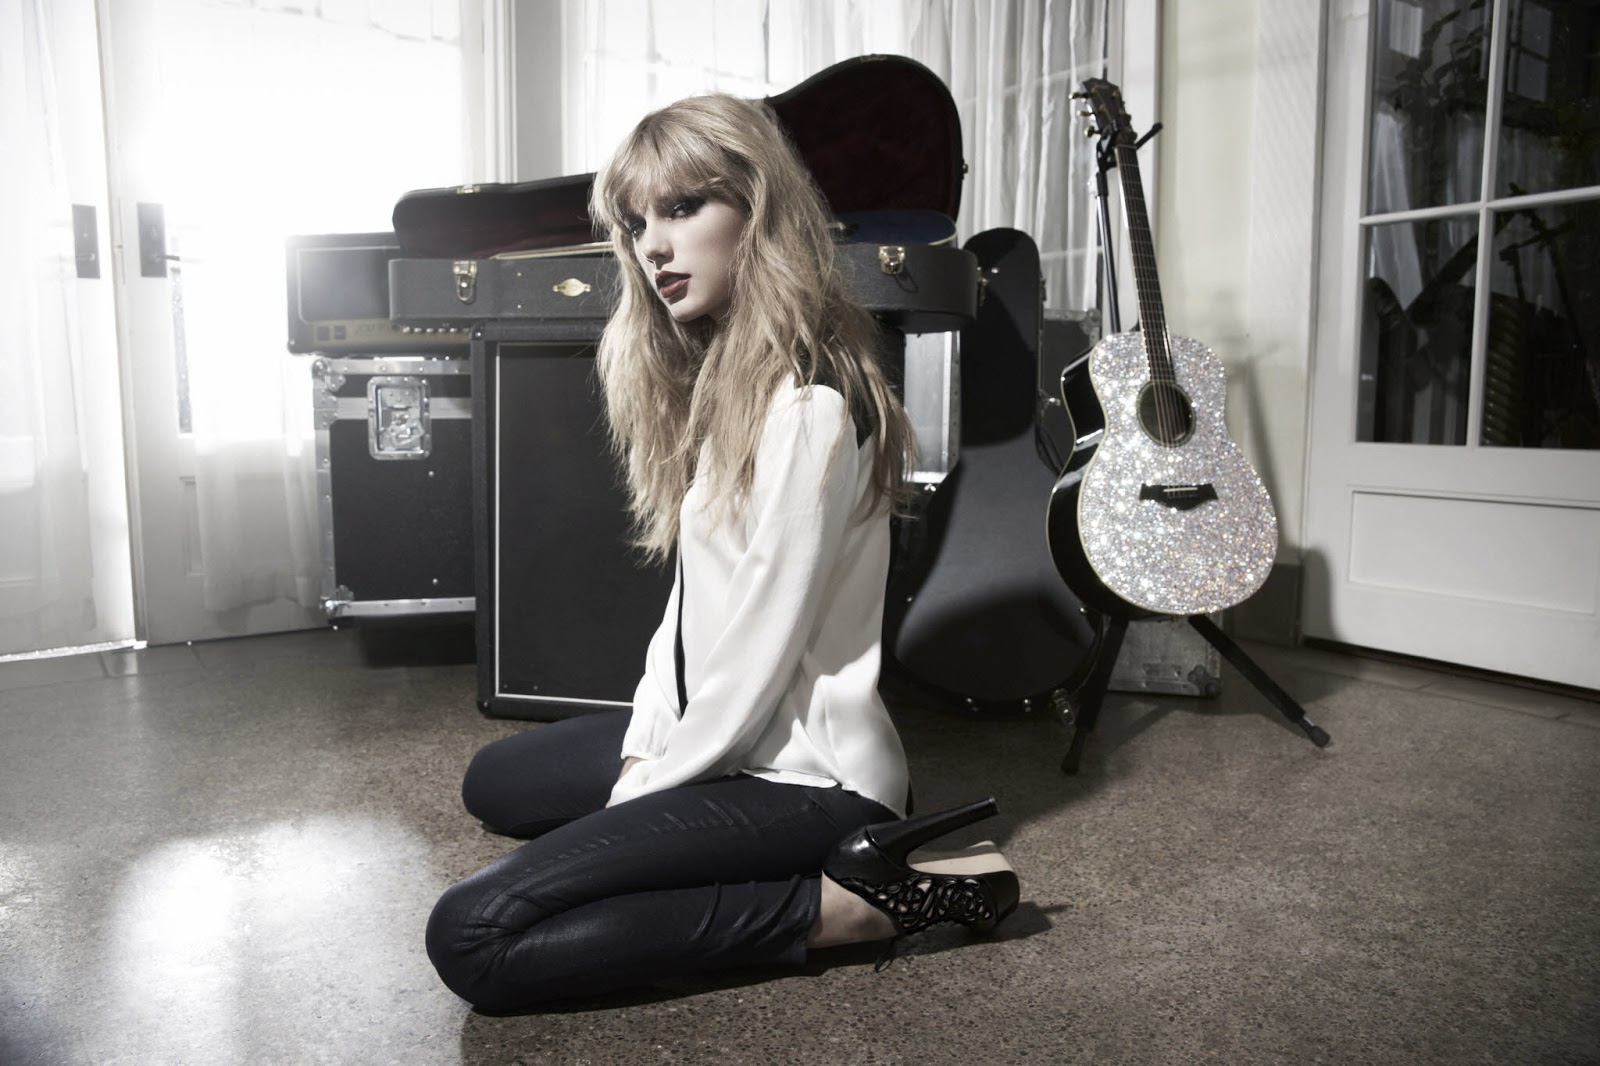 http://2.bp.blogspot.com/-Nh2MpFWdeH8/UMRTzDZlxRI/AAAAAAAAn4M/Hkmqg0VnUwQ/s1600/Taylor+Swift+-+Nigel+Barker+Photoshoot+2012+2.jpg